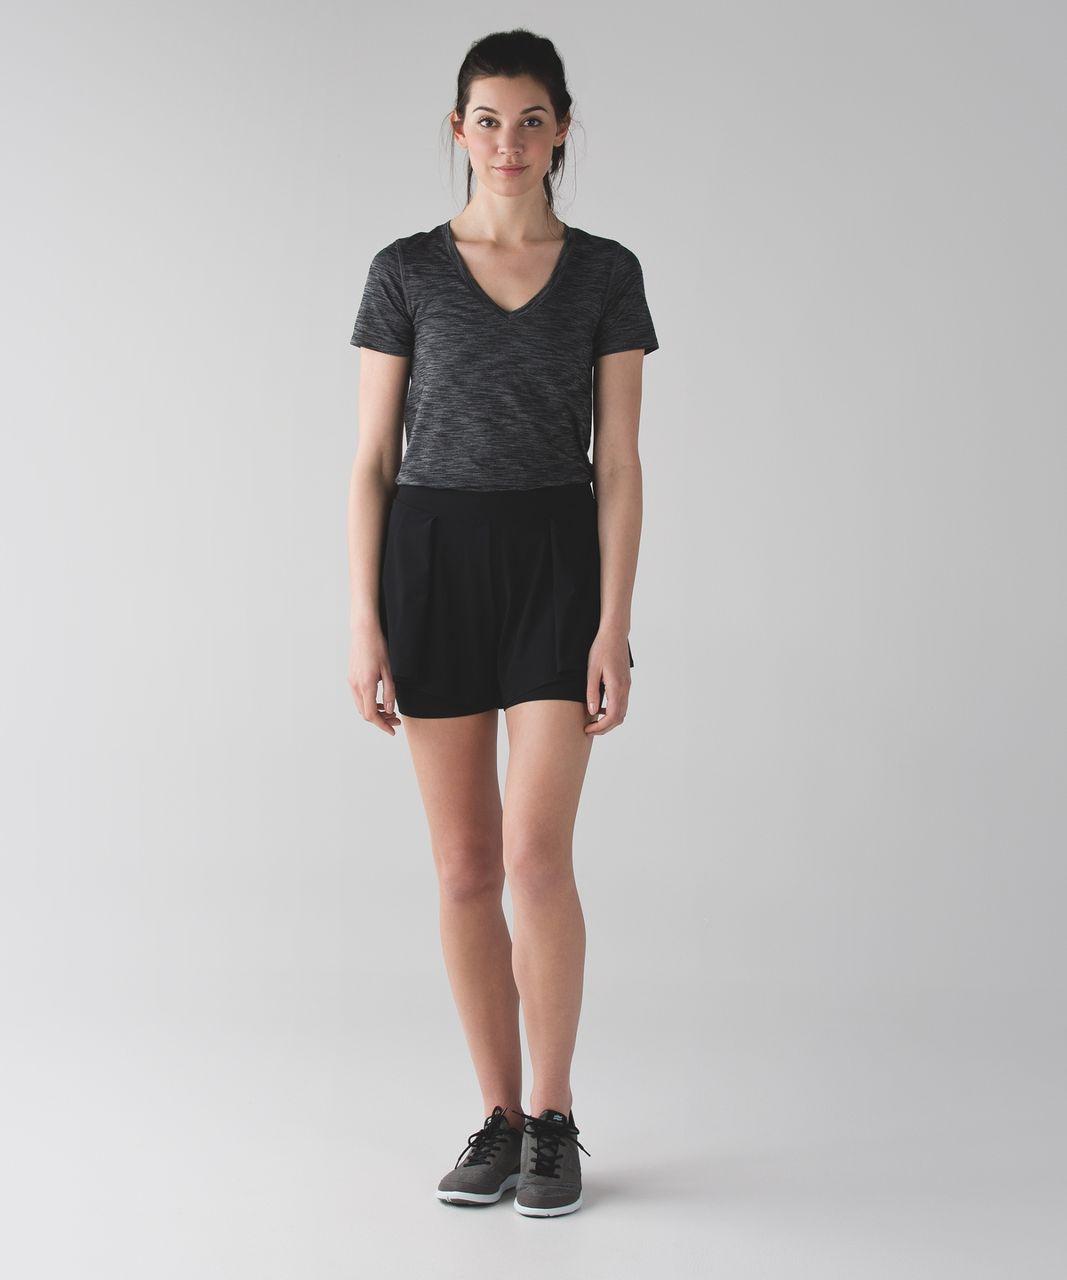 Lululemon Cruiser Short - Black